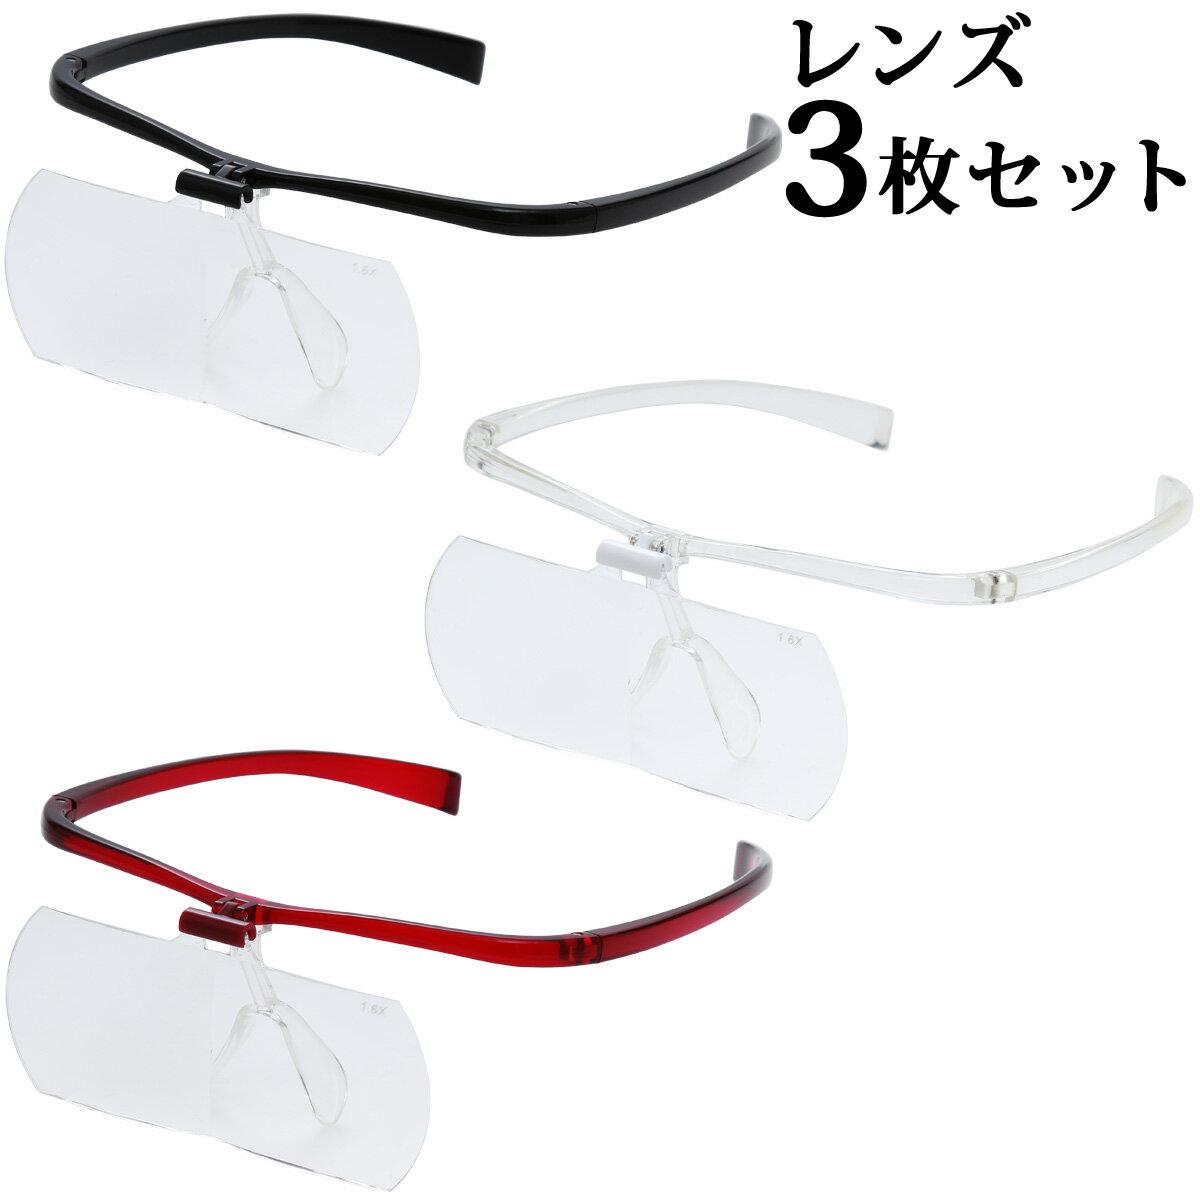 双眼メガネルーペ メガネタイプ 1.6倍 2倍 2.3倍 レンズ3枚セット HF-60DEF 跳ね上げ メガネの上から クリアルーペ 手芸 拡大鏡 読書 模型 まつげエクステ 池田レンズ